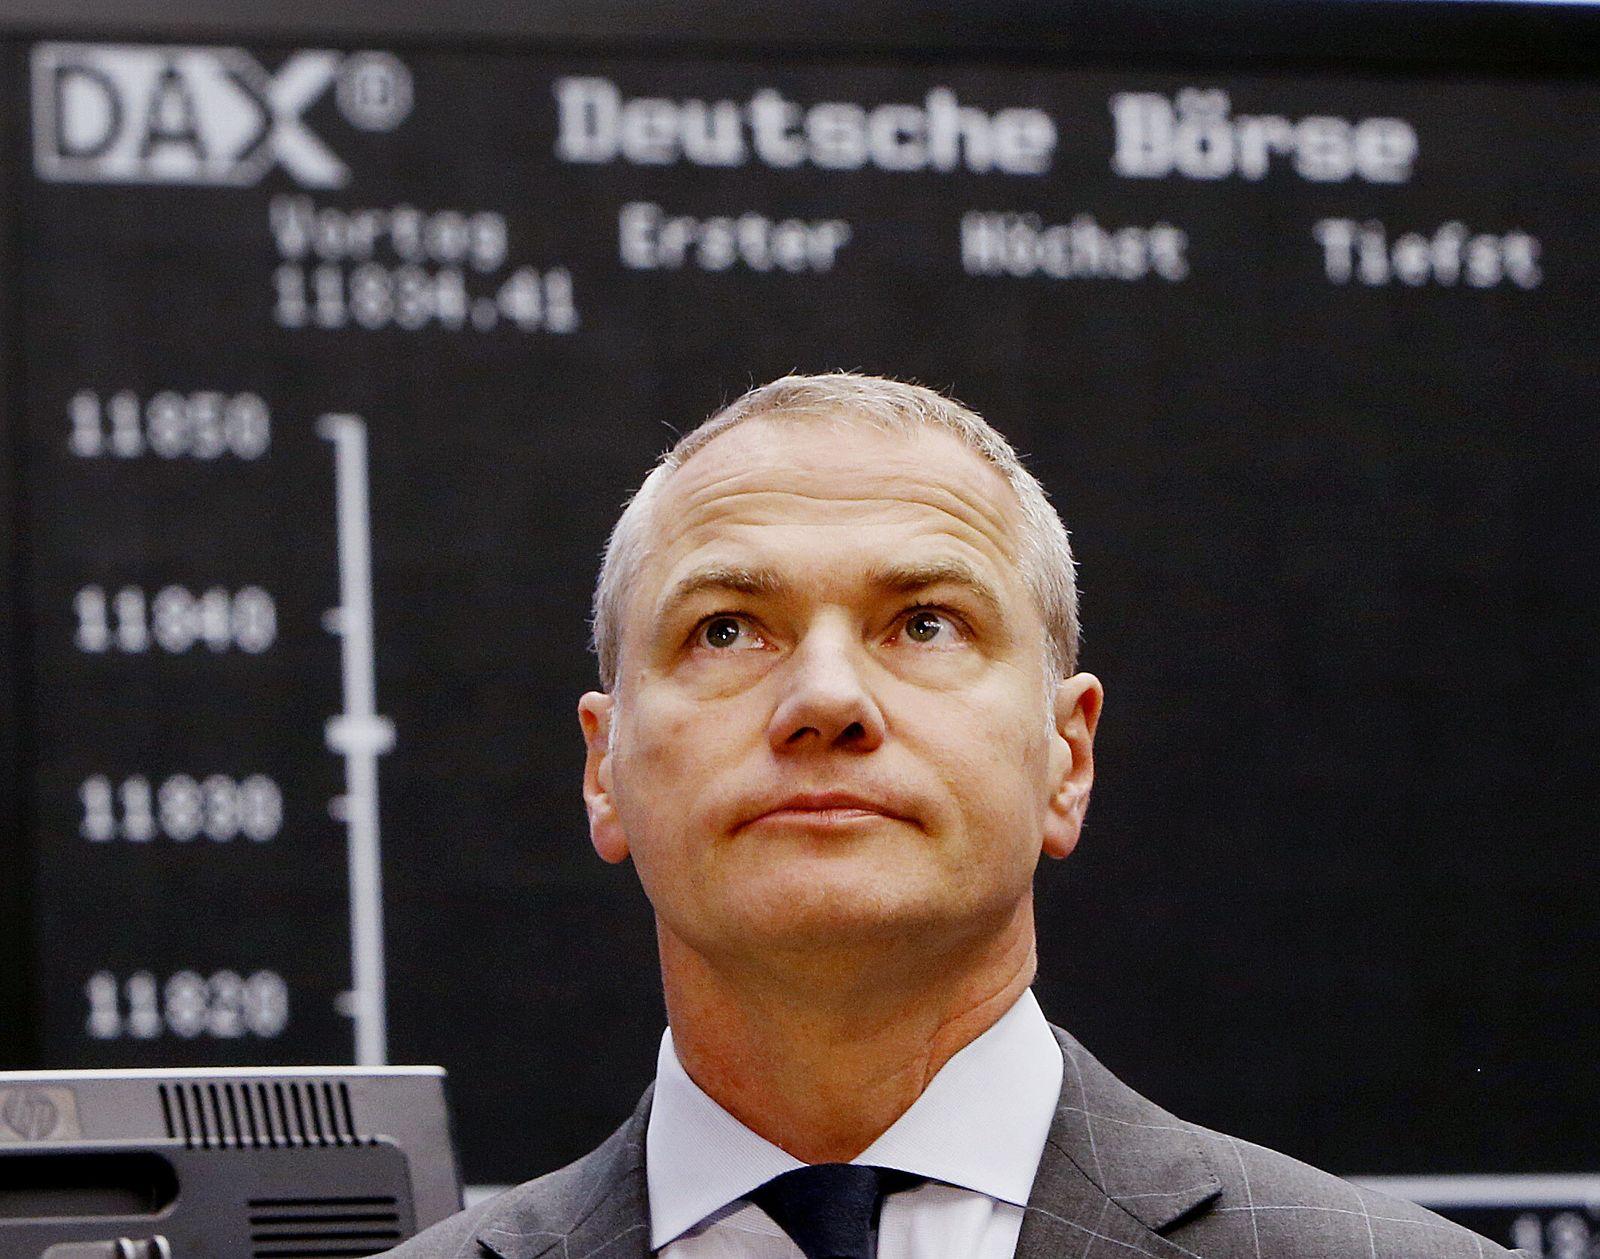 Deutsche Börse / Carsten Kengeter